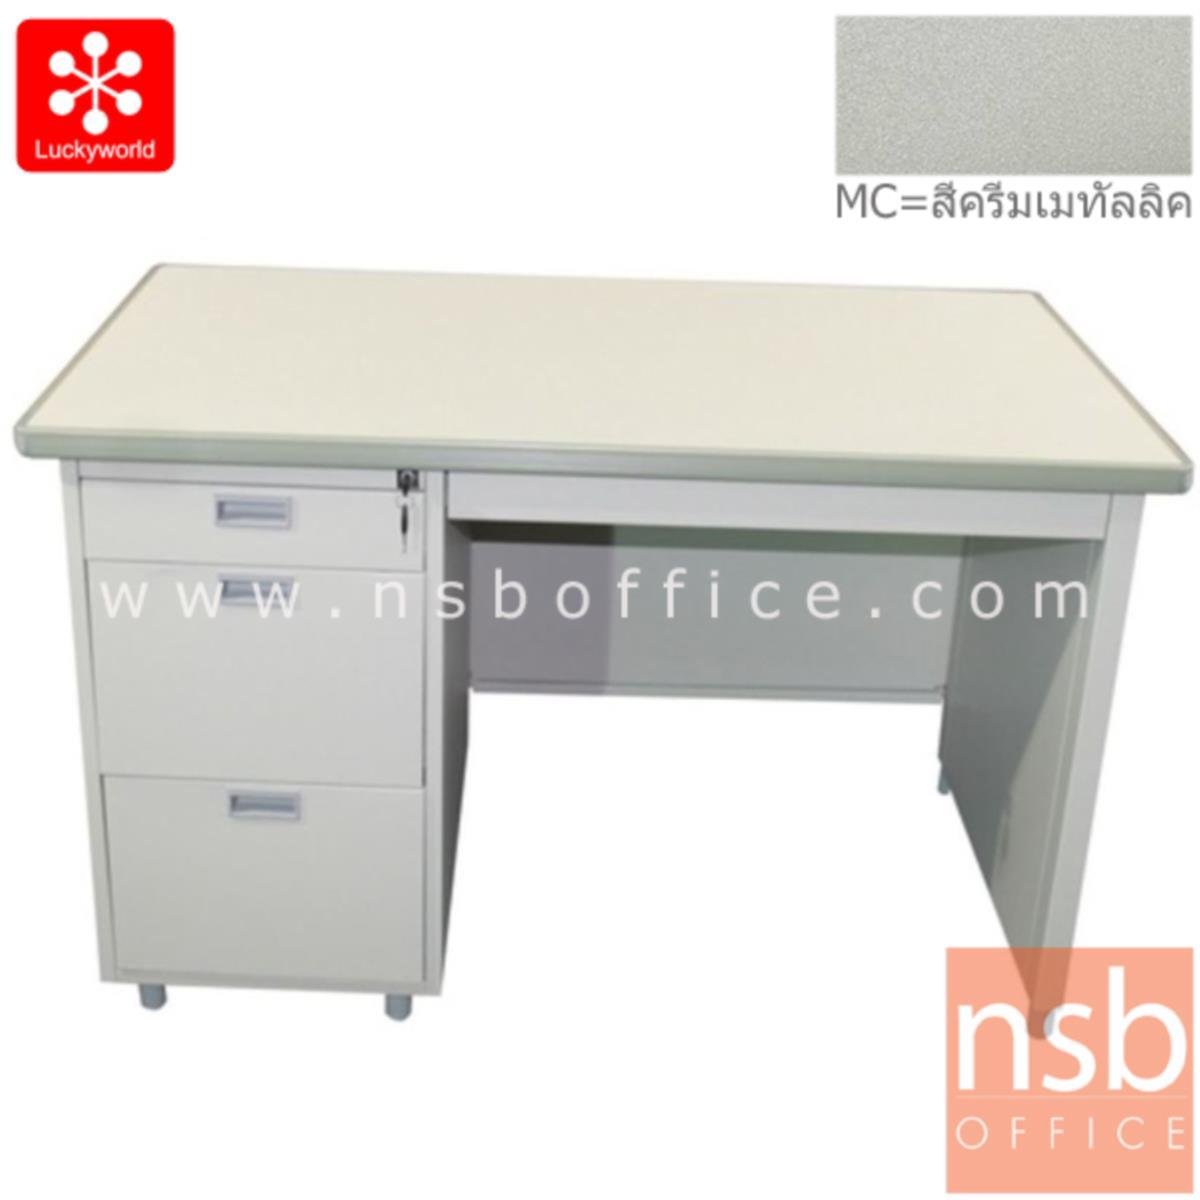 โต๊ะทำงานเหล็ก 4 ลิ้นชัก รุ่น LUCKYWORLD-DX-40-3-MC ขนาด 120W*69.2D cm. สีครีมเมทัลลิค